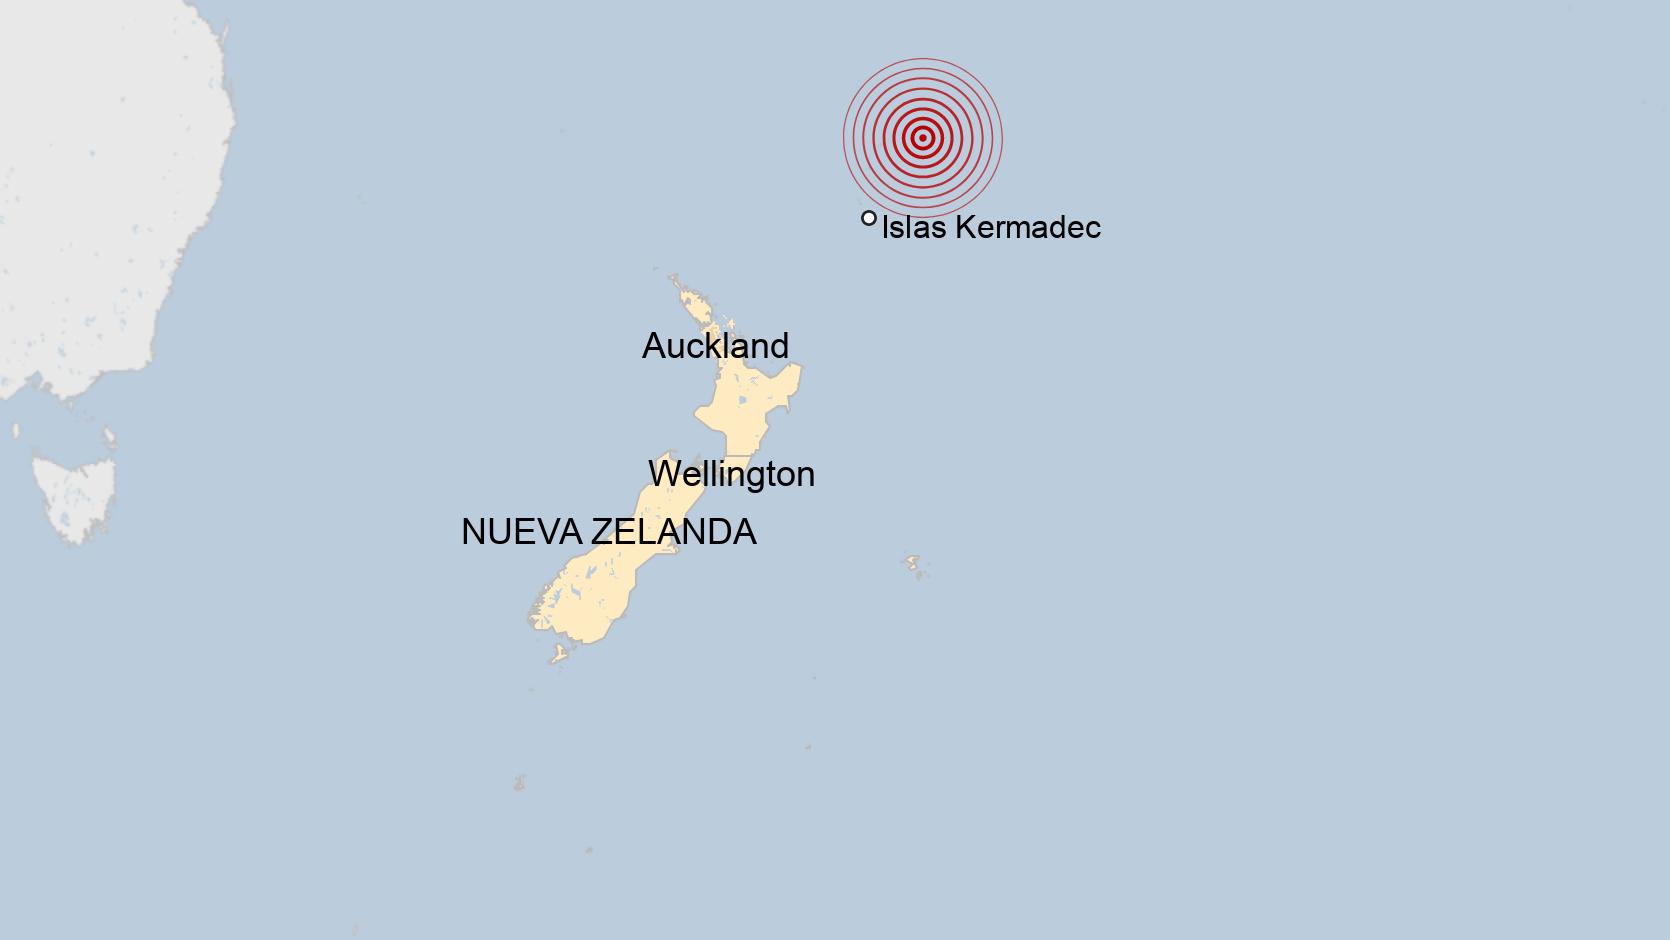 Nueva Zelanda Registra Tres Fuertes Terremotos Que Obligaron A Emitir Dos Alertas De Tsunami Bbc News Mundo